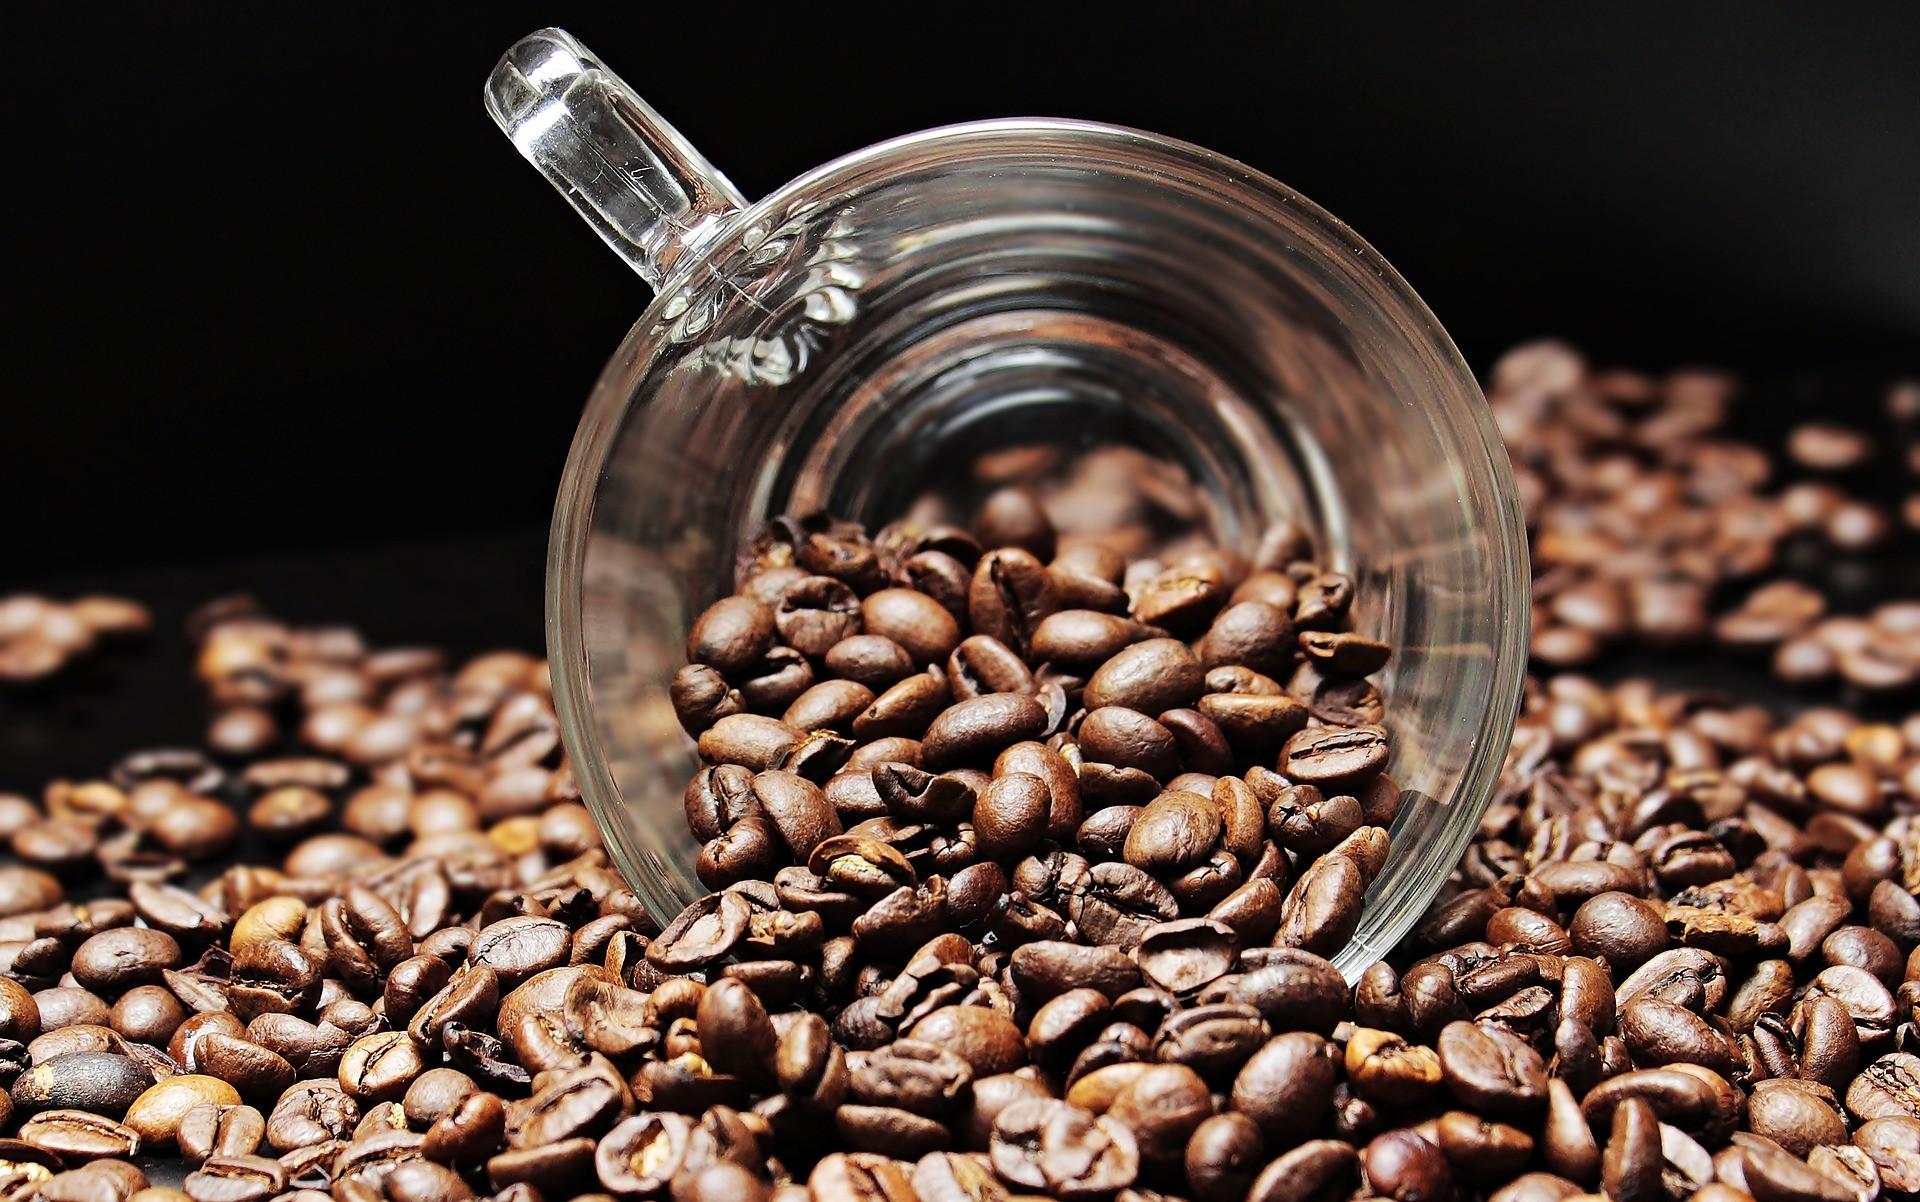 Grãos de café serão tostados na reentrada à atmosfera  (Foto: Pixabay)